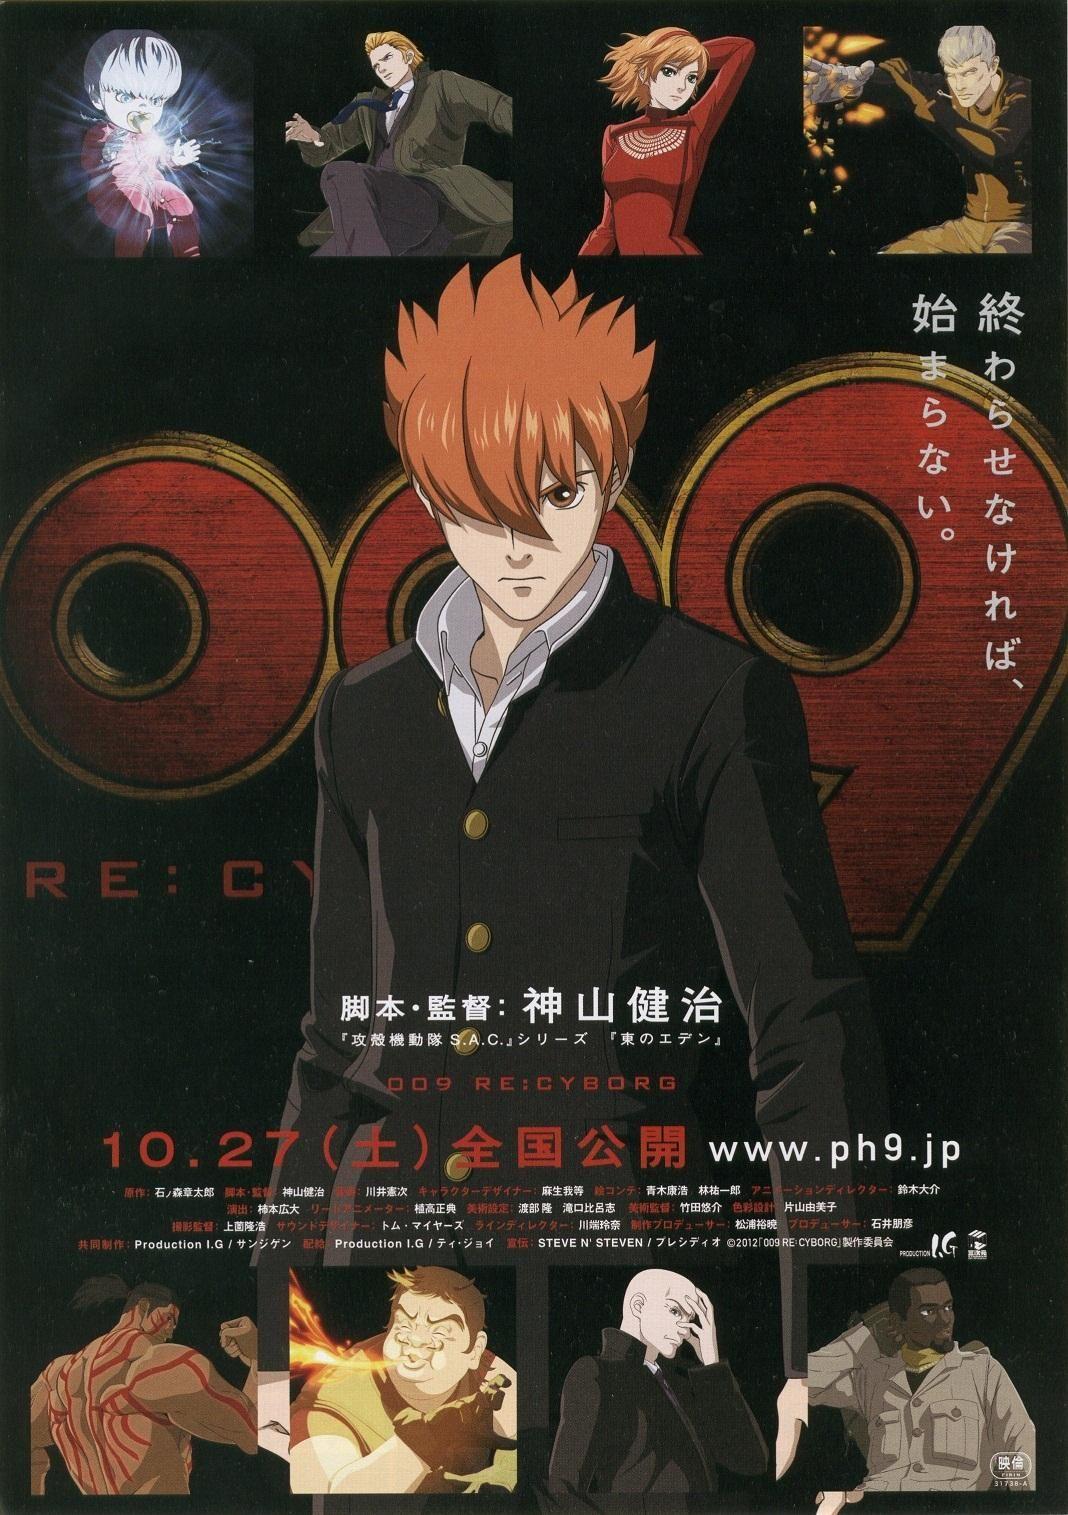 009 Production I.G アニメーション, 漫画 アニメ, サイボーグ009